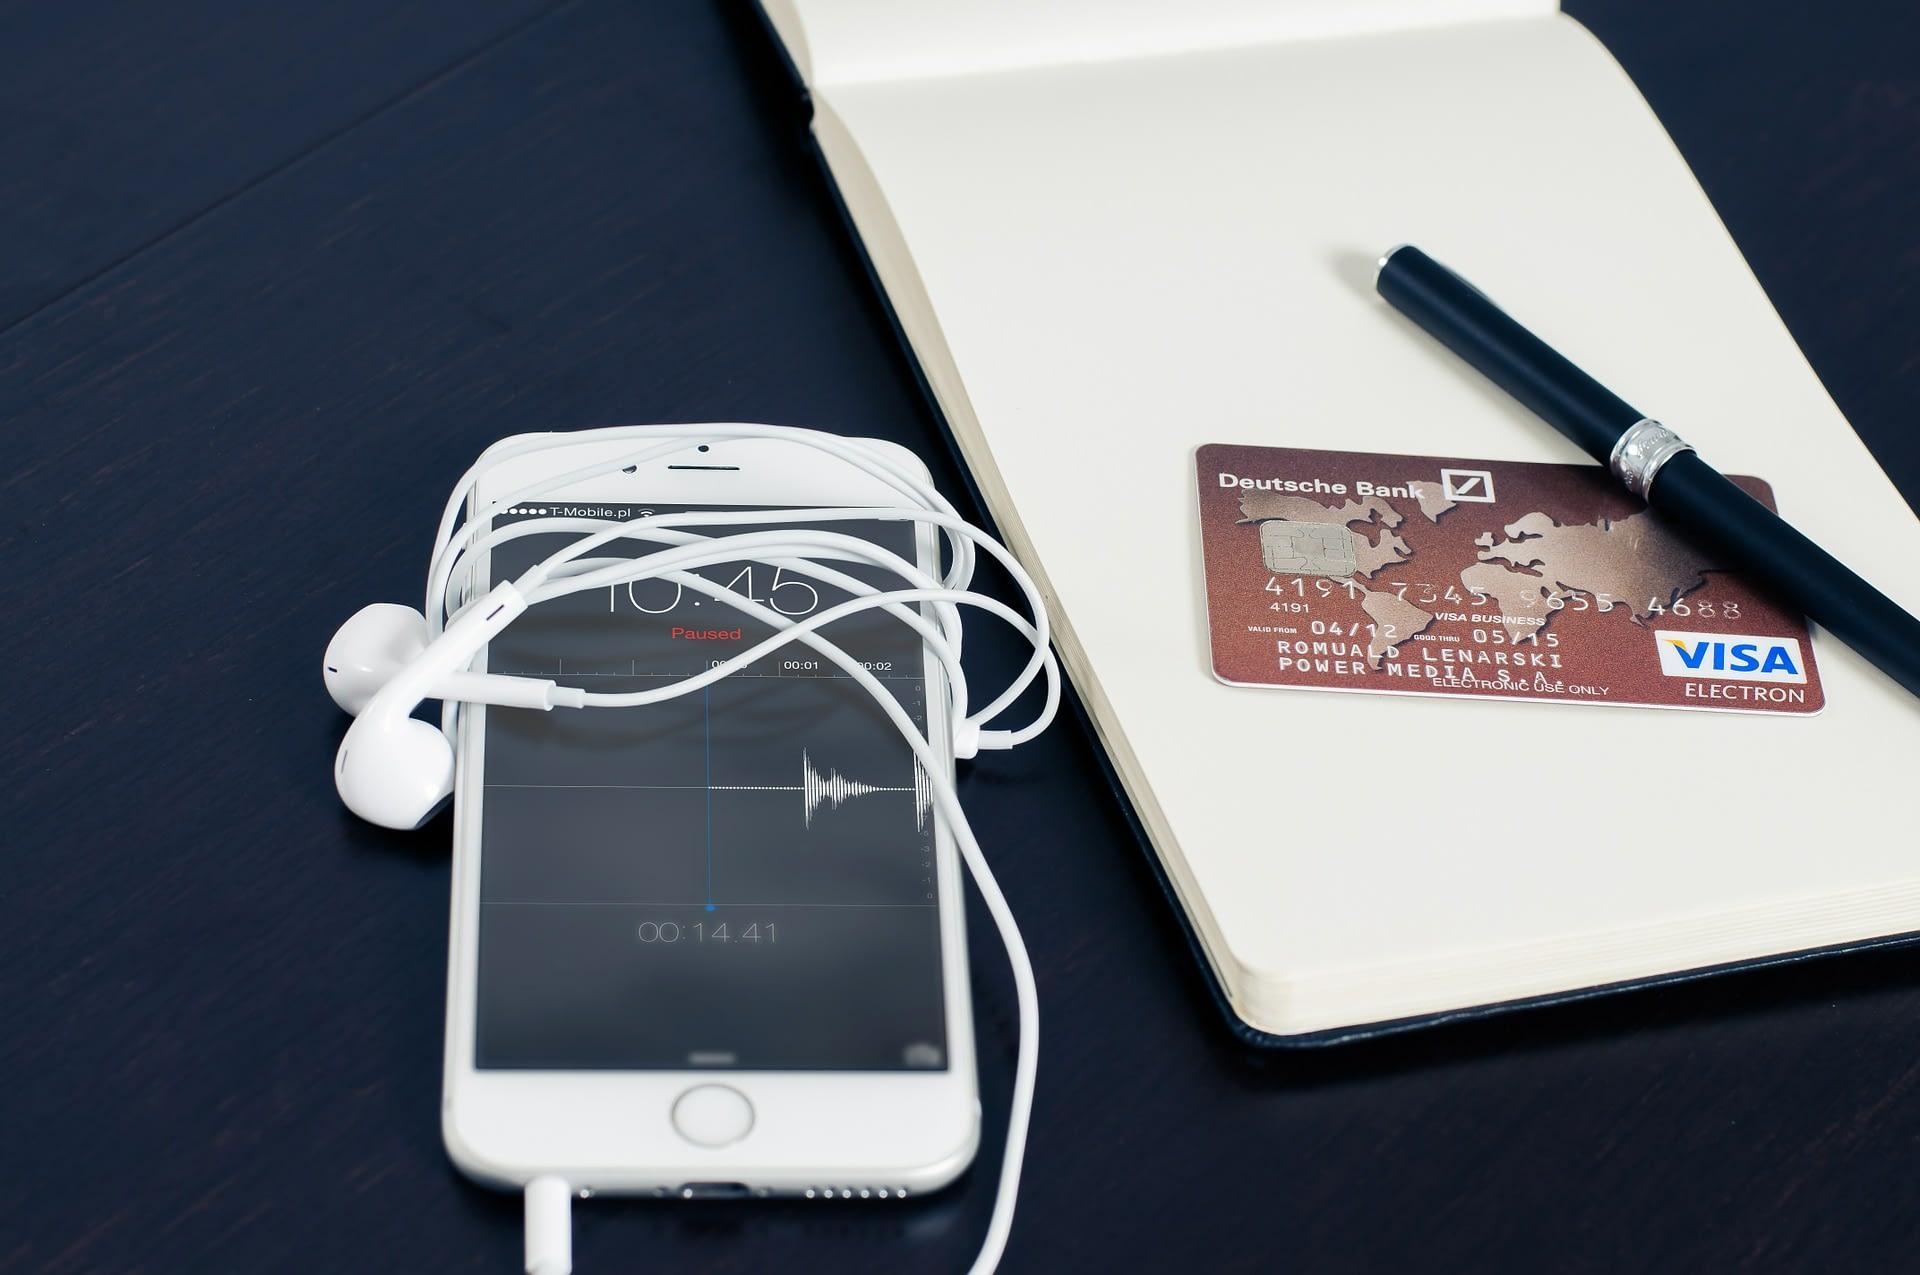 subvenciones tiendas online y cartas digitales